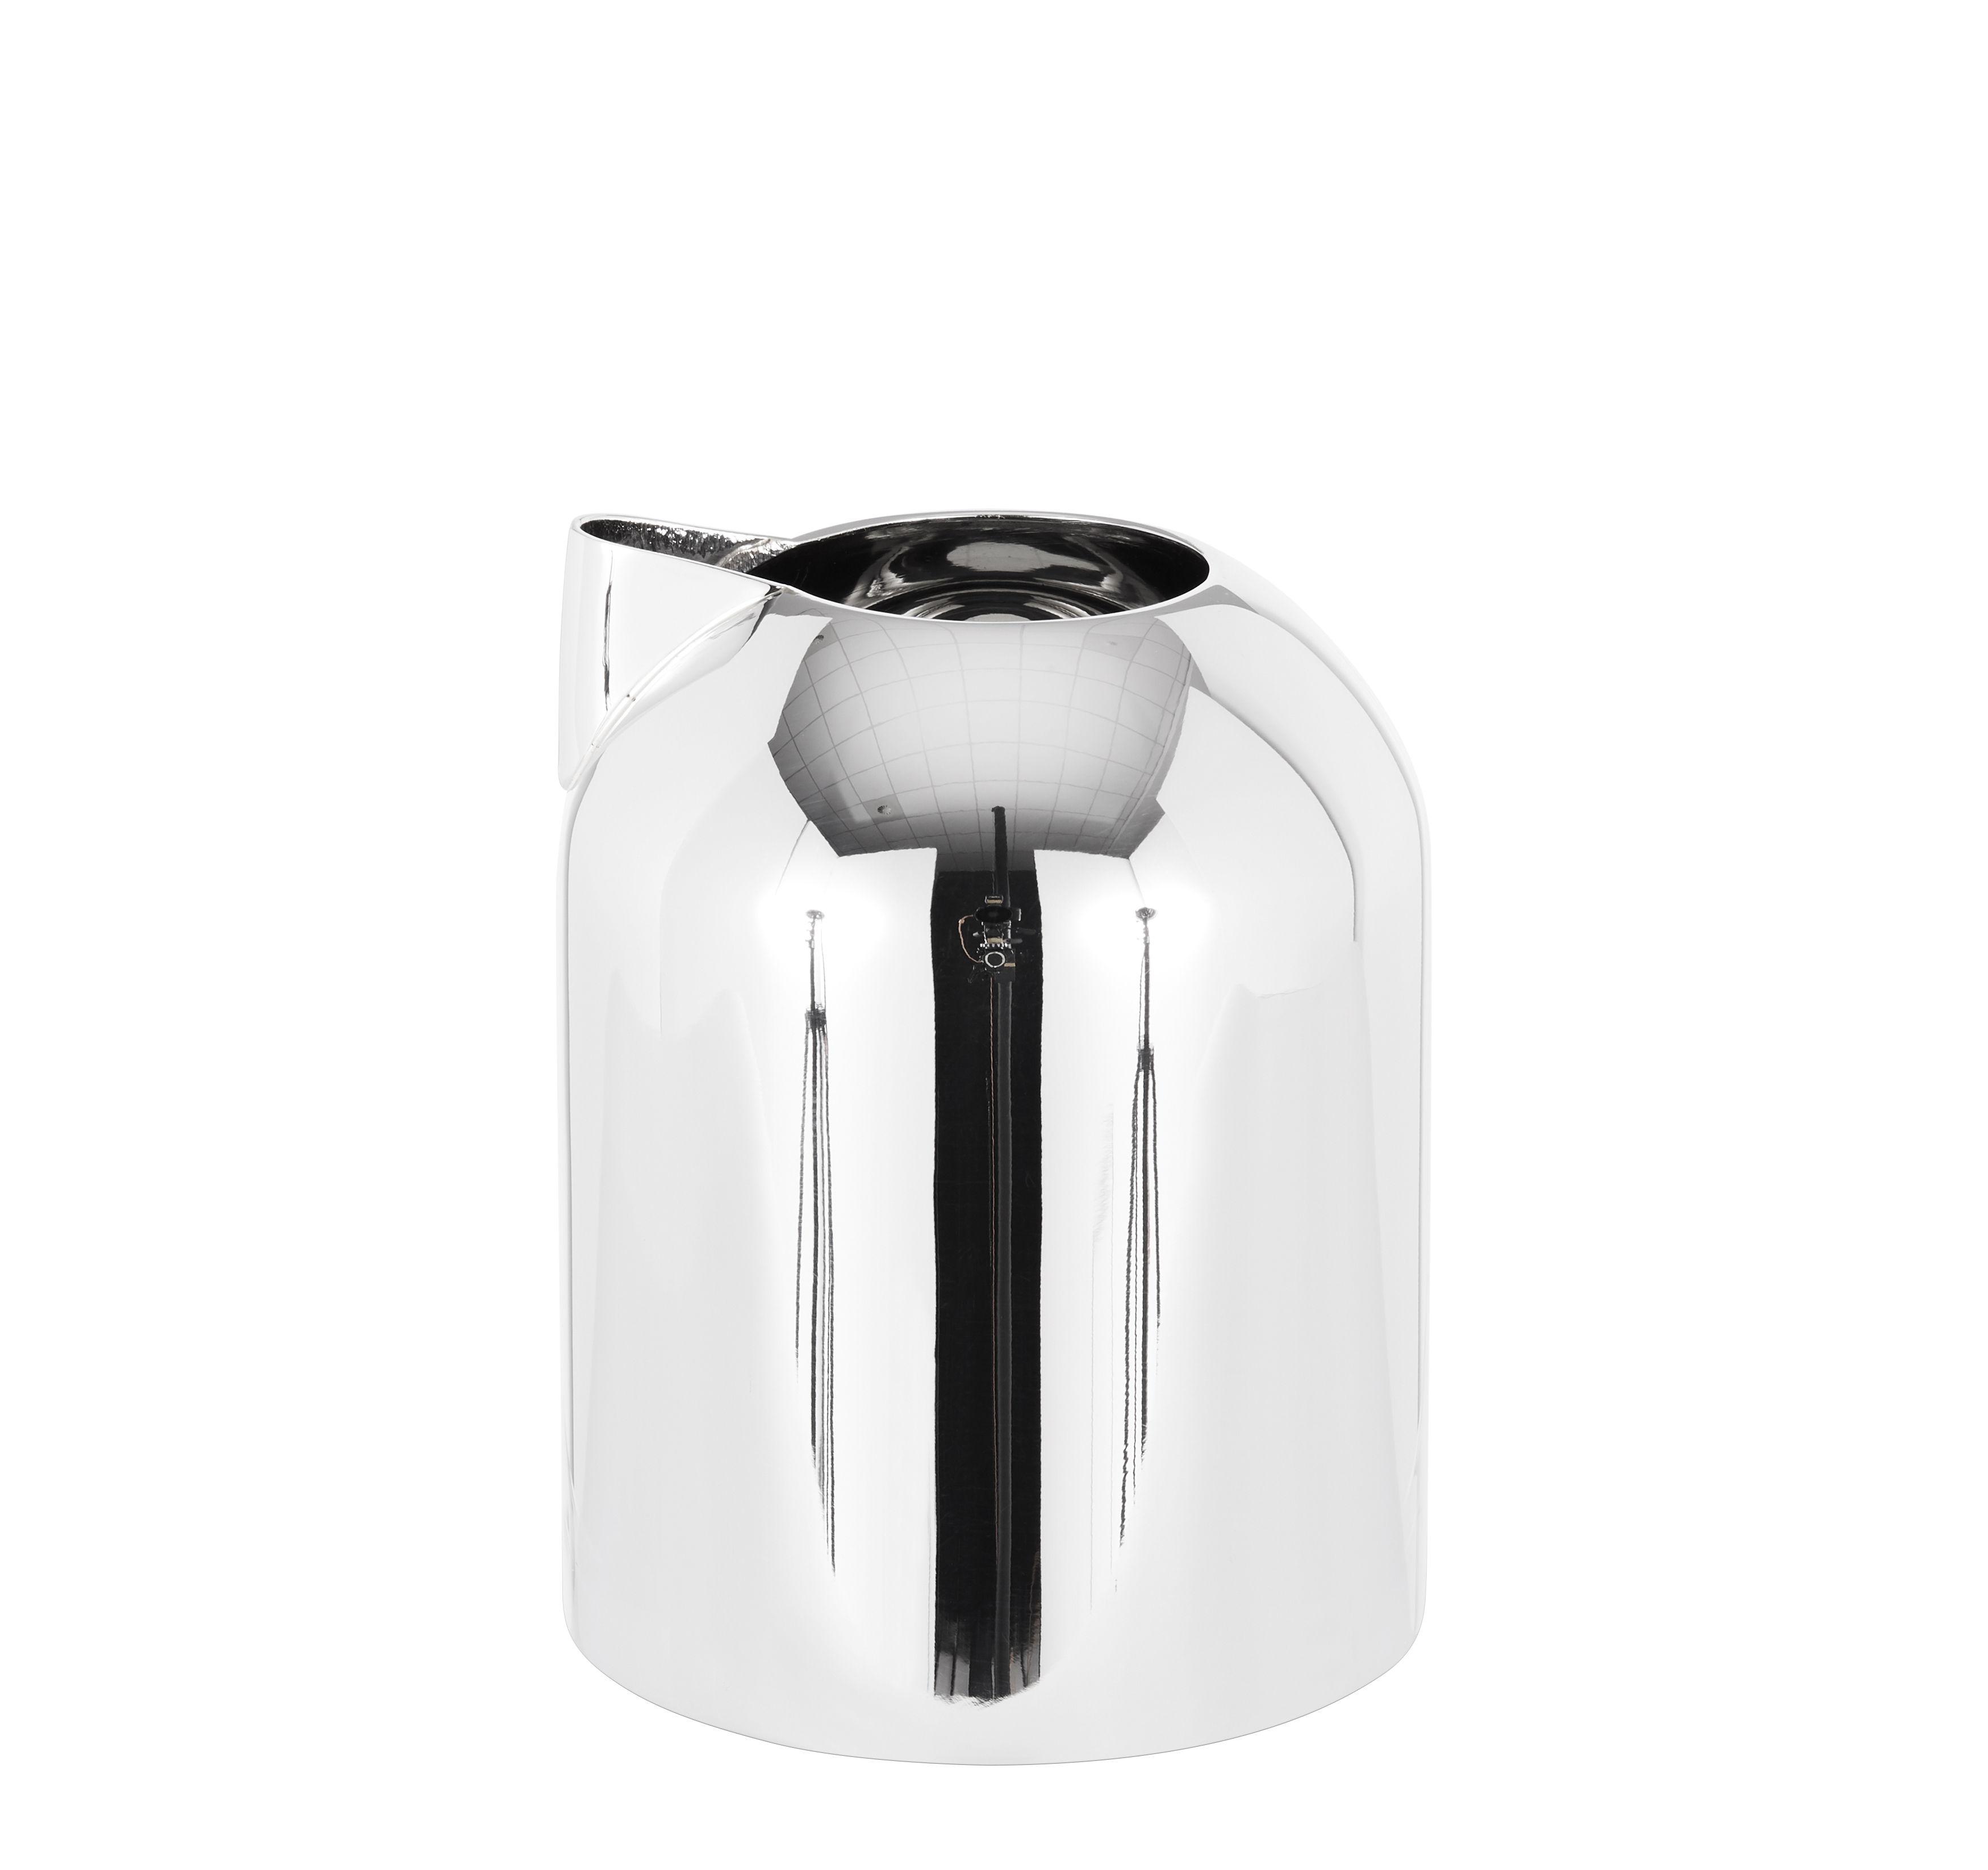 Tavola - Caffè - Bricco per latte Form di Tom Dixon - Acciaio lucidato - Acciaio inossidabile lucido